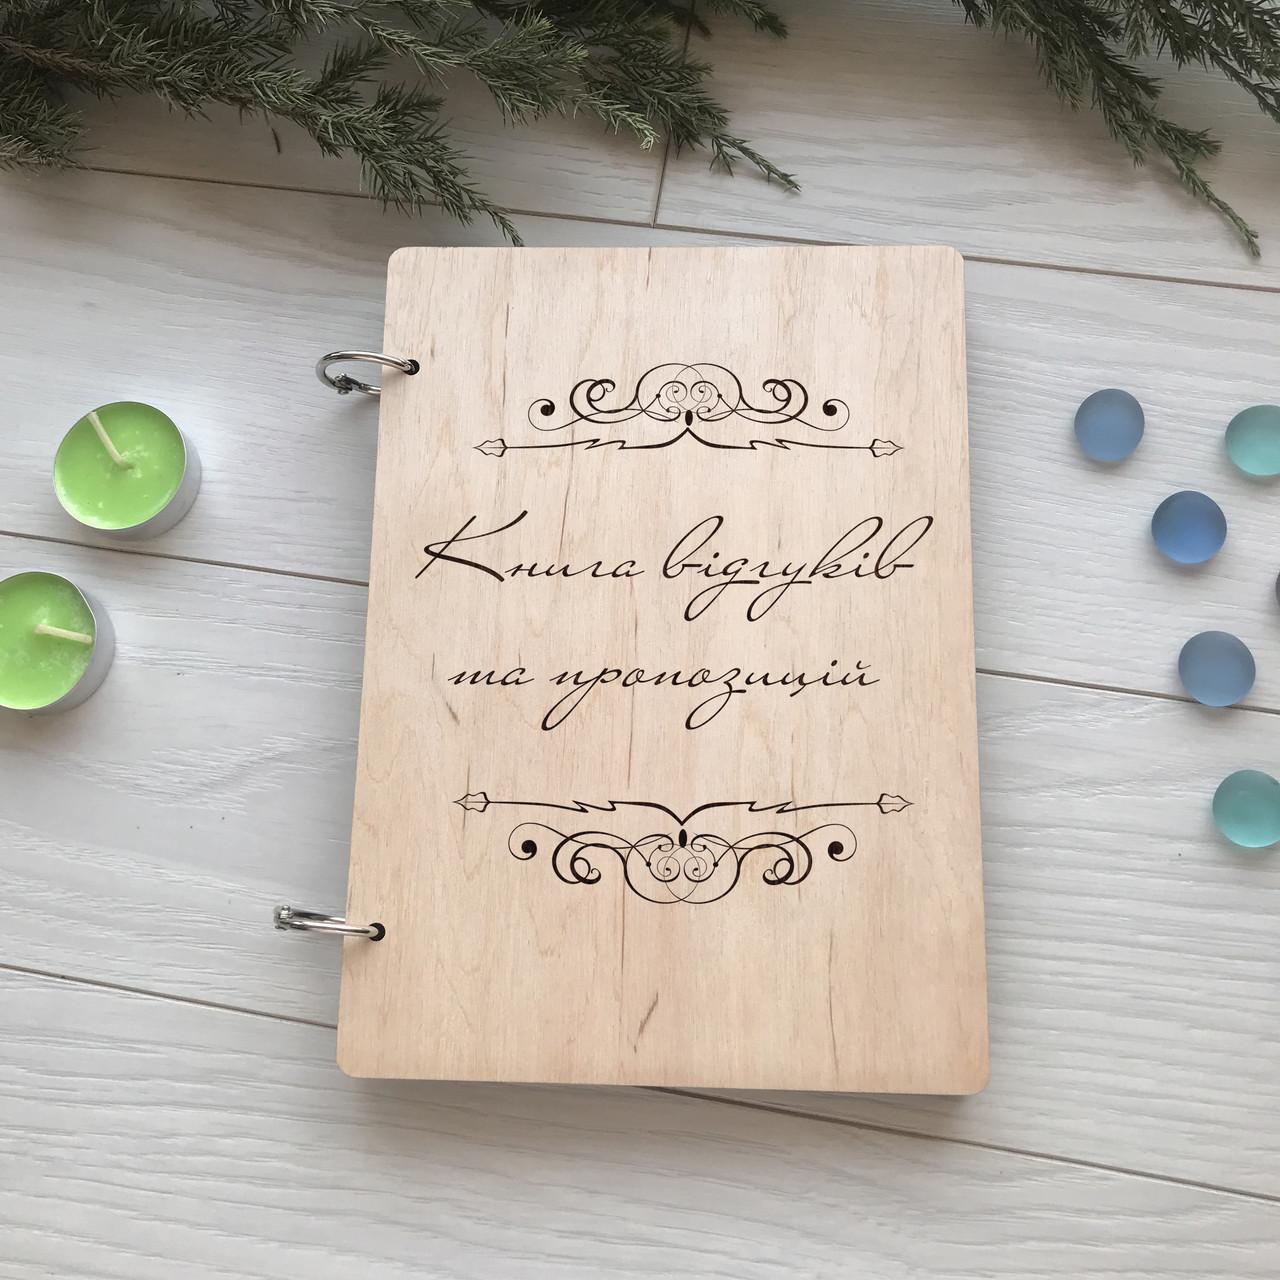 Оригинальная деревянная книга отзывов и предложений под заказ